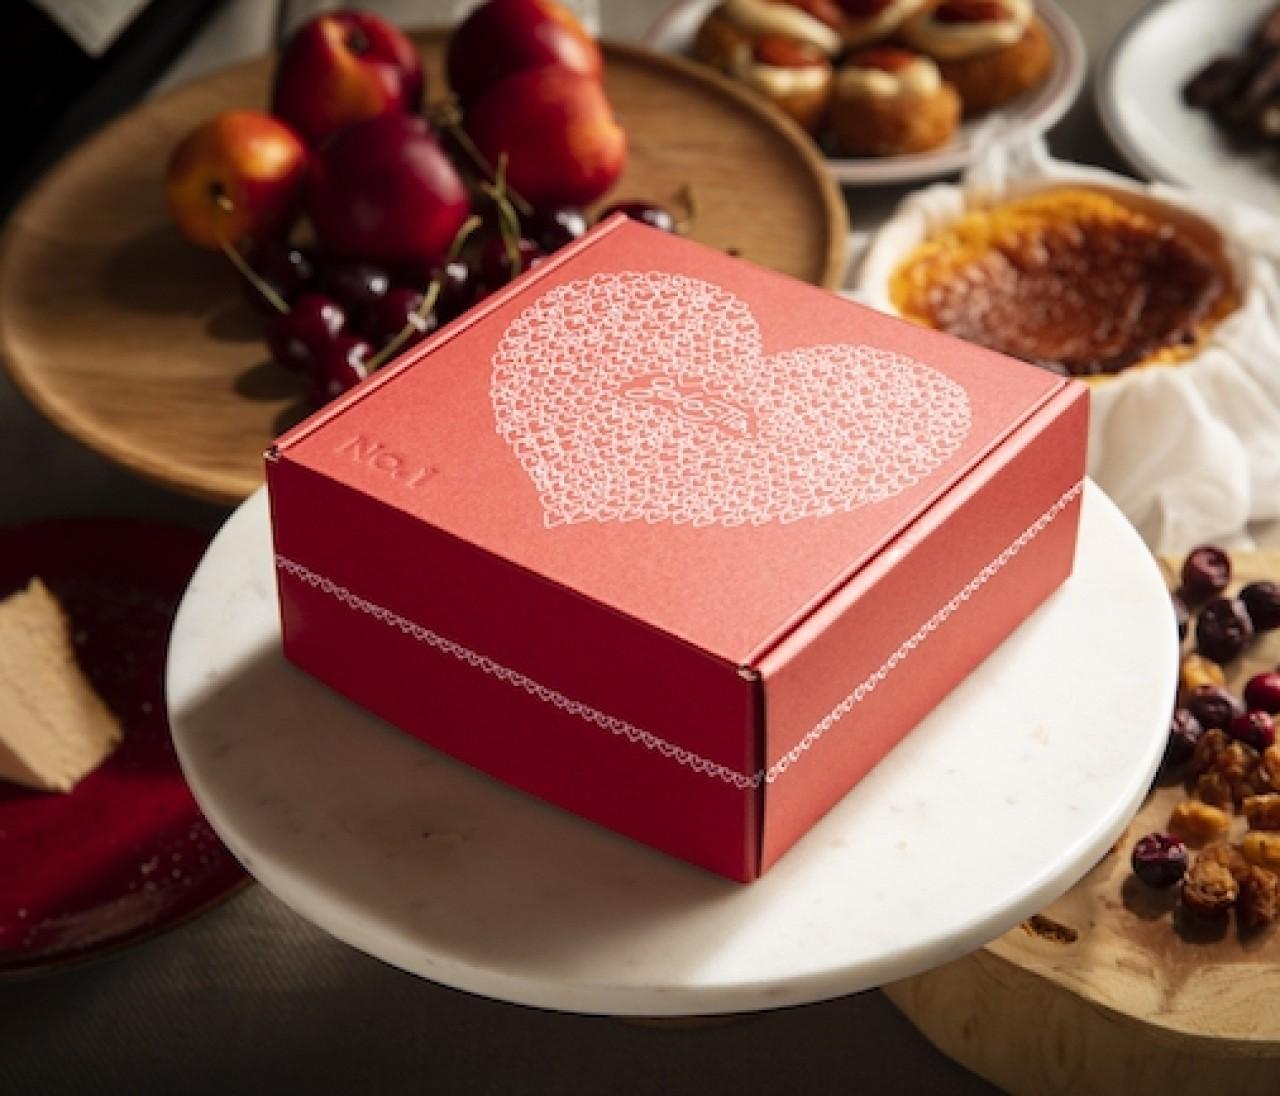 パッケージも味も最高♡話題のレストラン「golosita.」の飛び売れチーズケーキにバレンタイン限定パッケージが登場